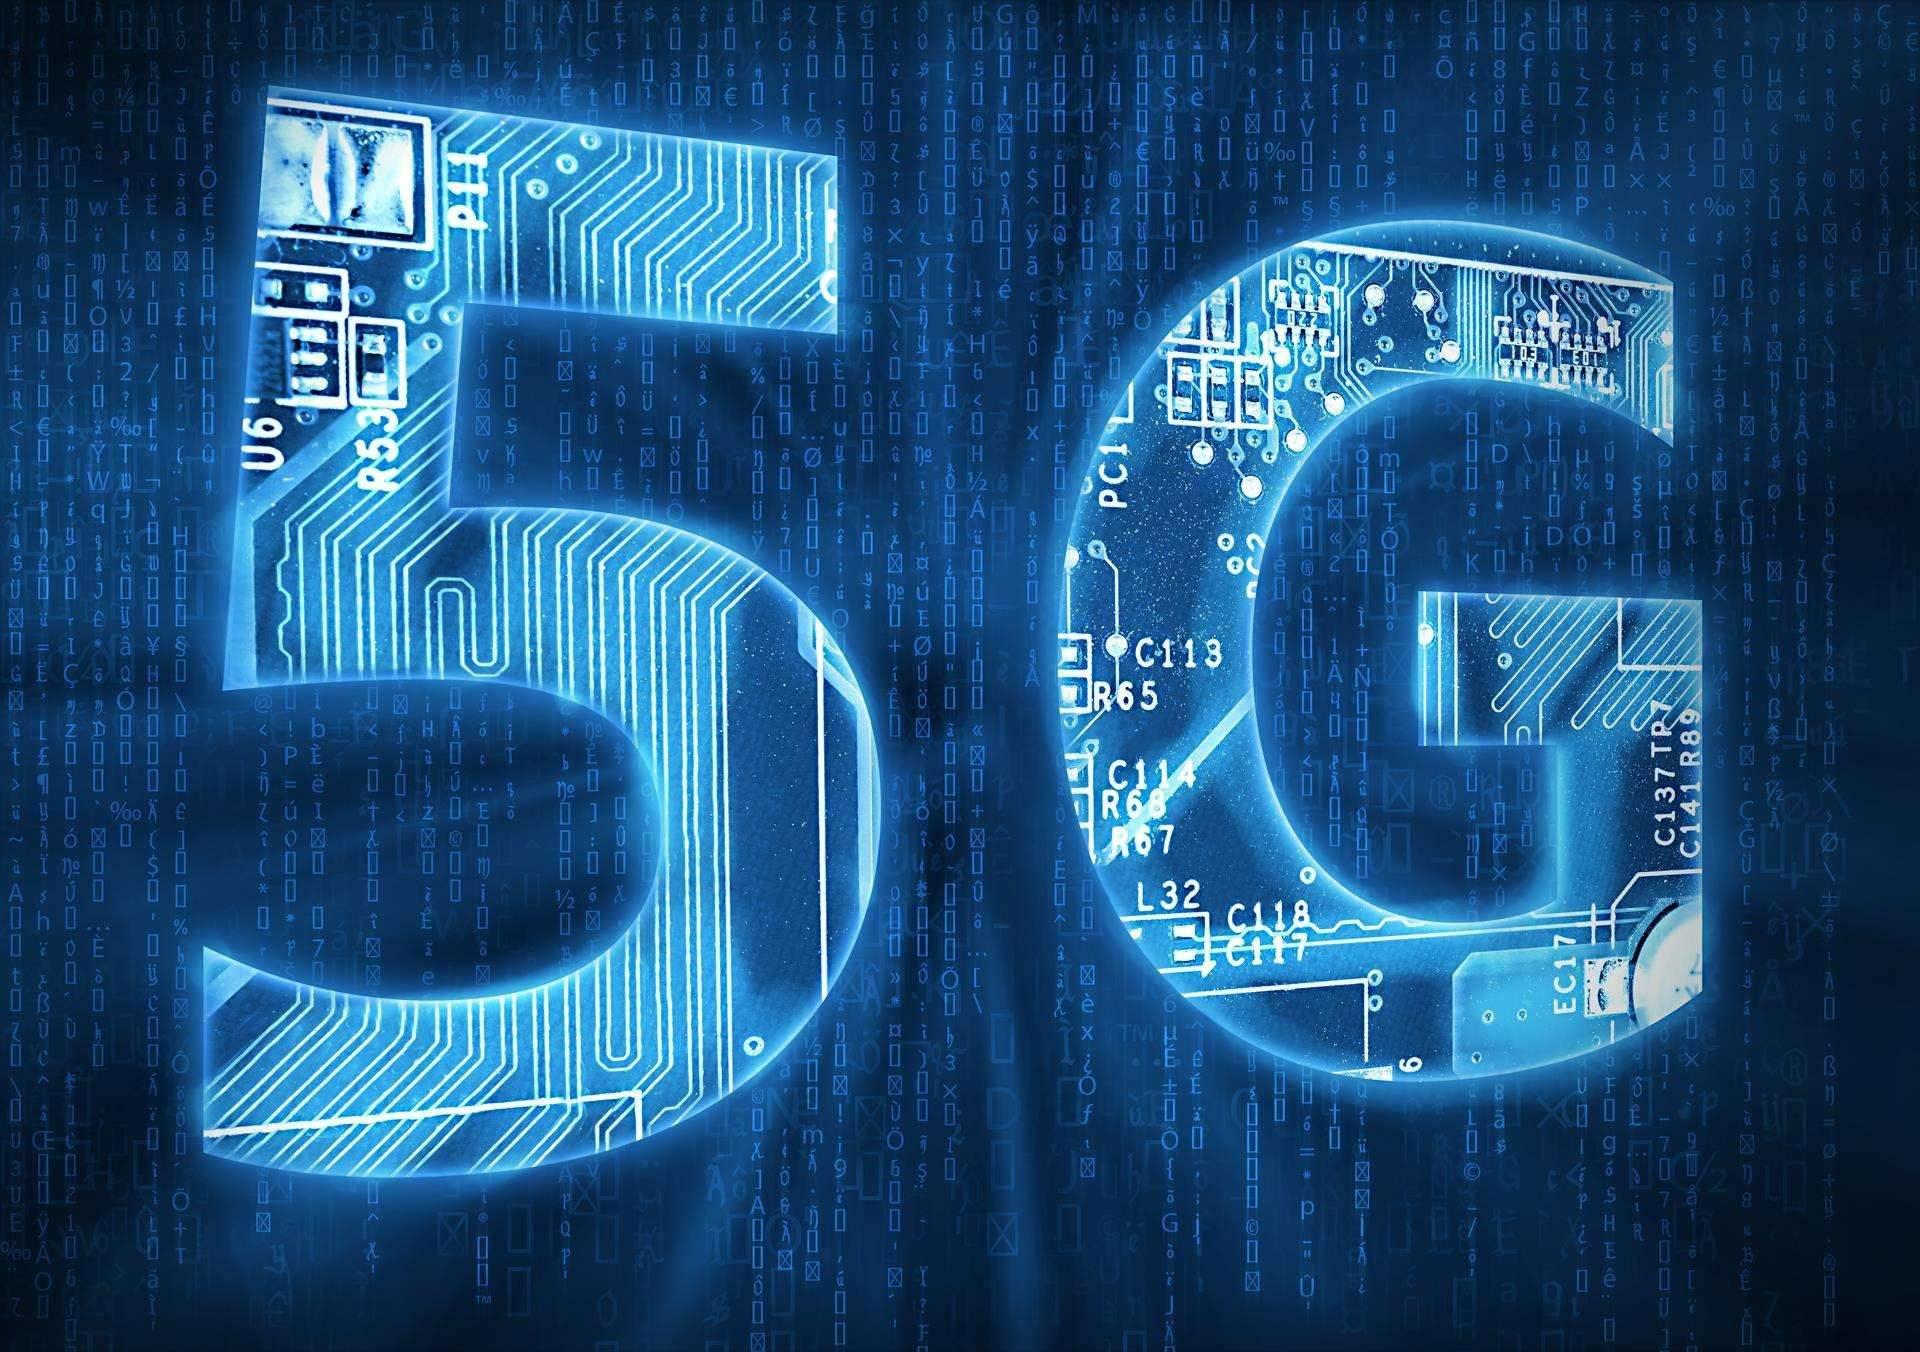 5G技术对社会的各个方面有着很大影响